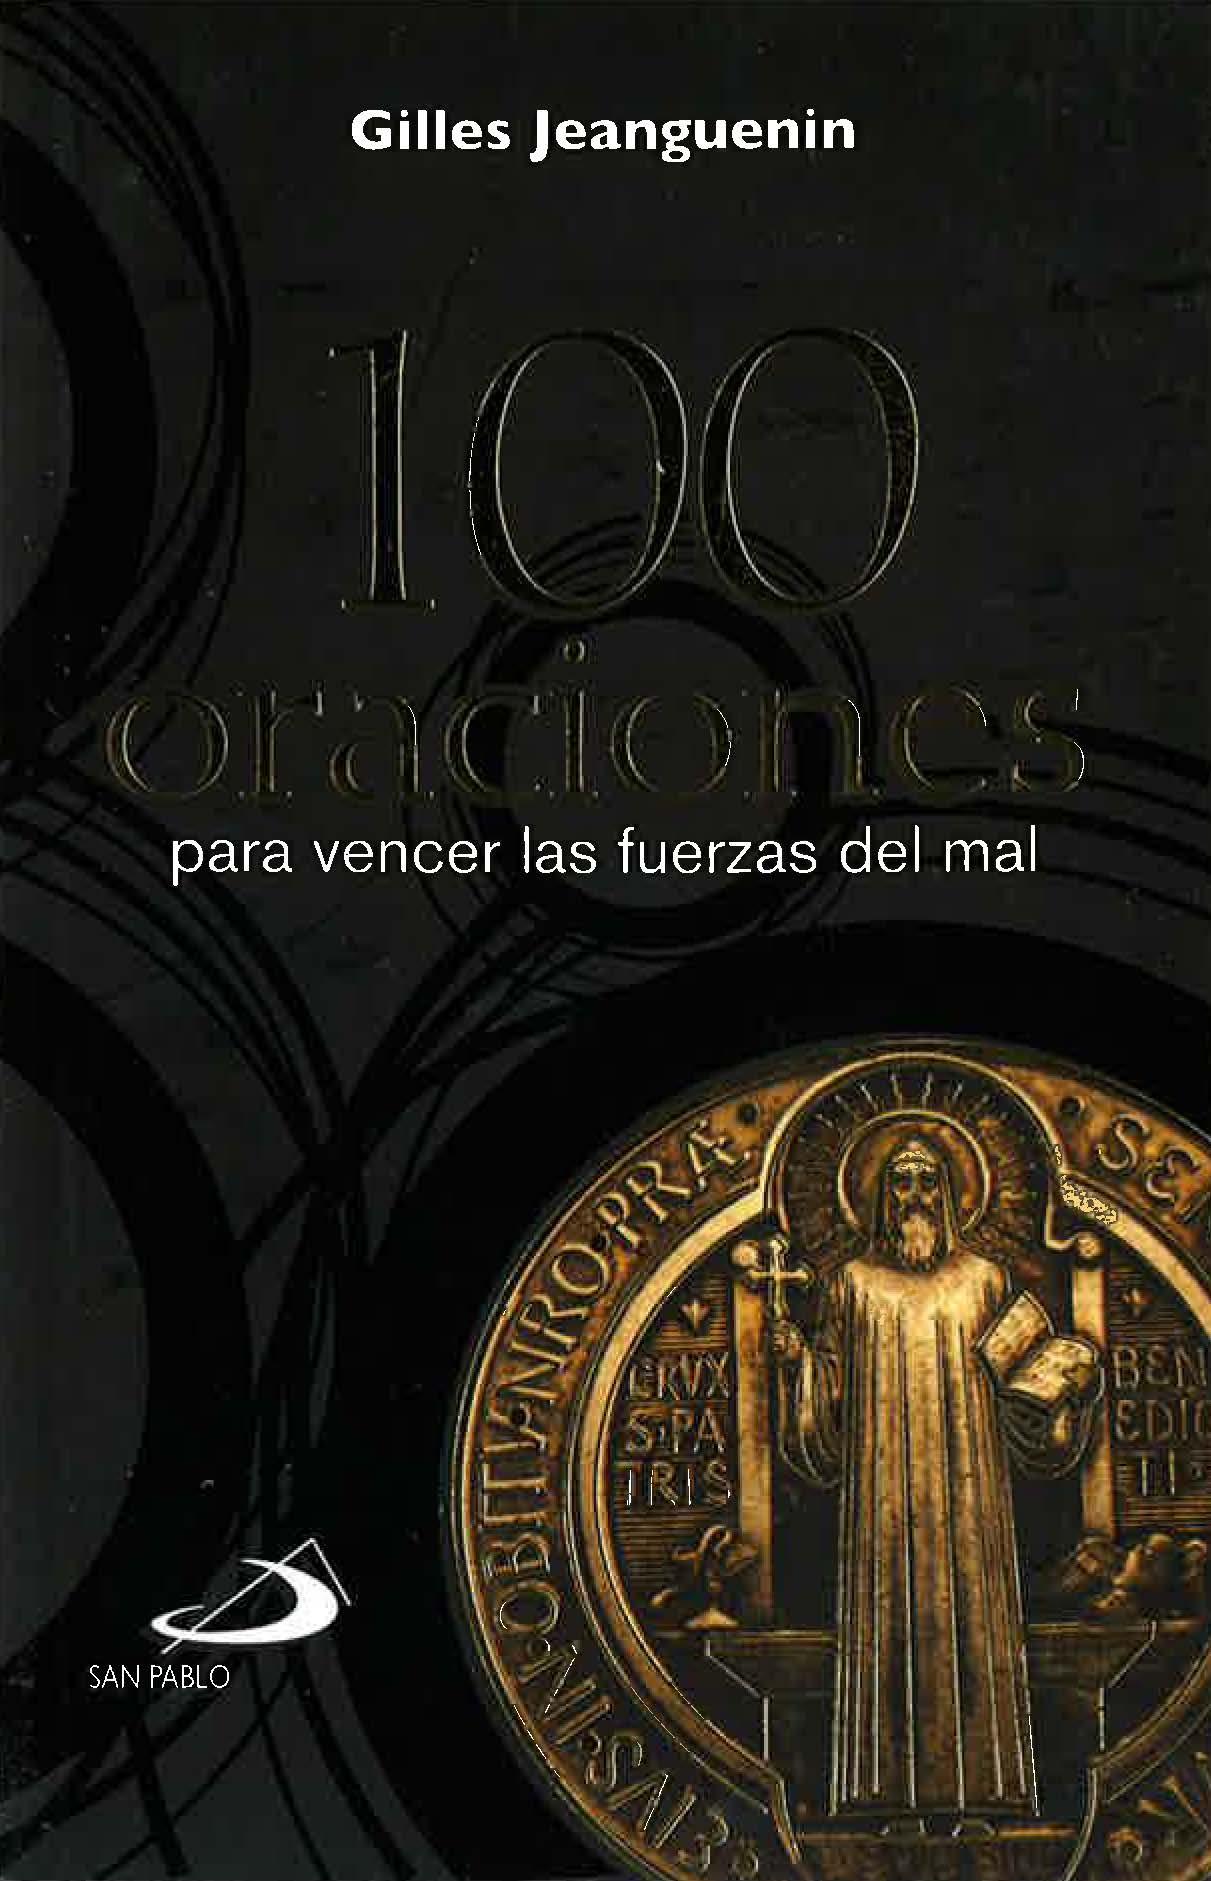 100 oraciones para vencer las fuerzas del mal